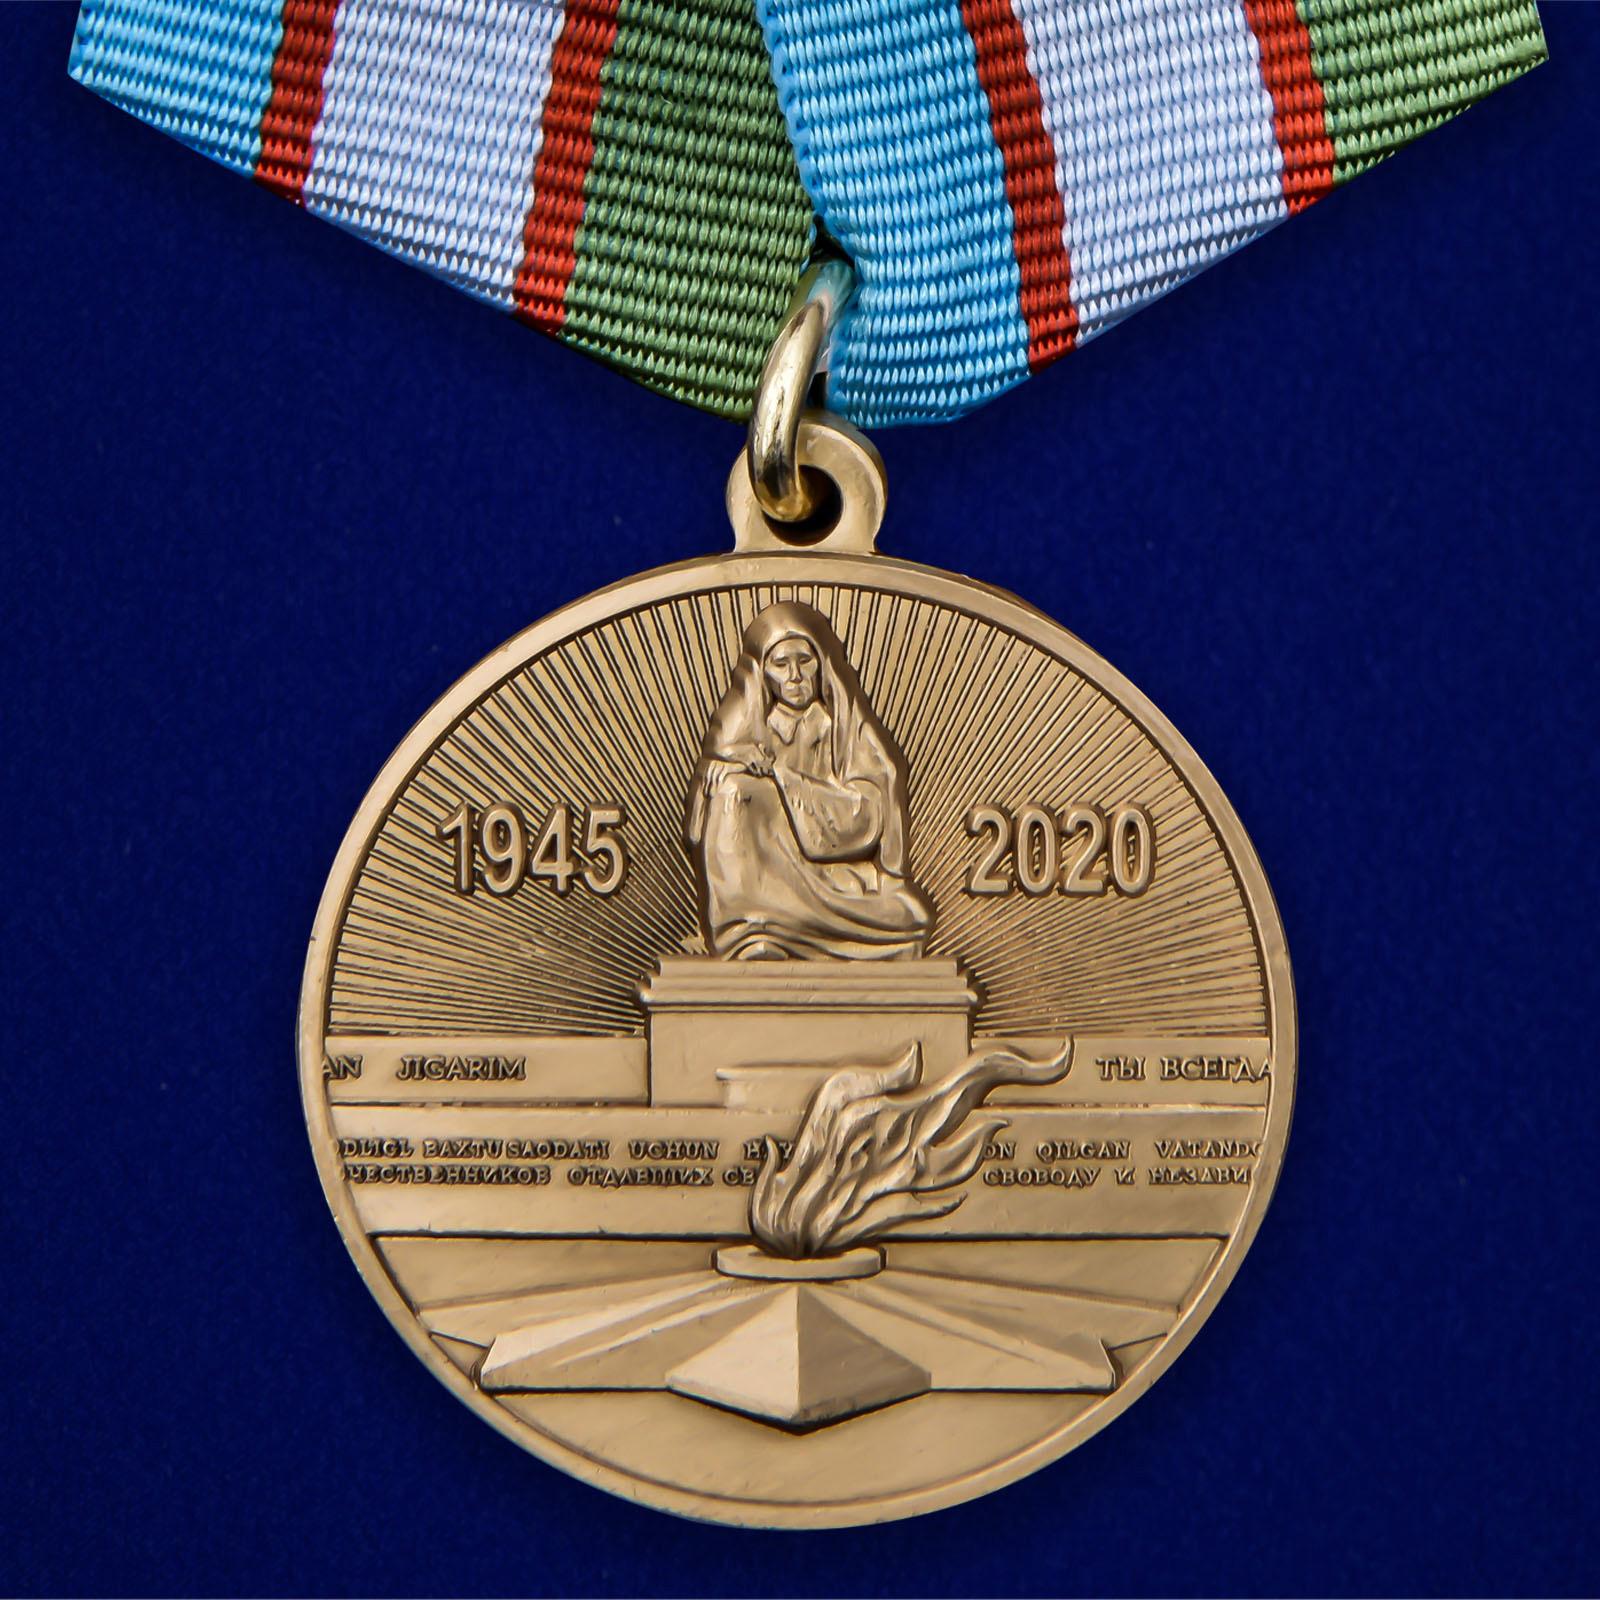 Купить медаль Узбекистана День Победы во Второй мировой войне на подставке онлайн